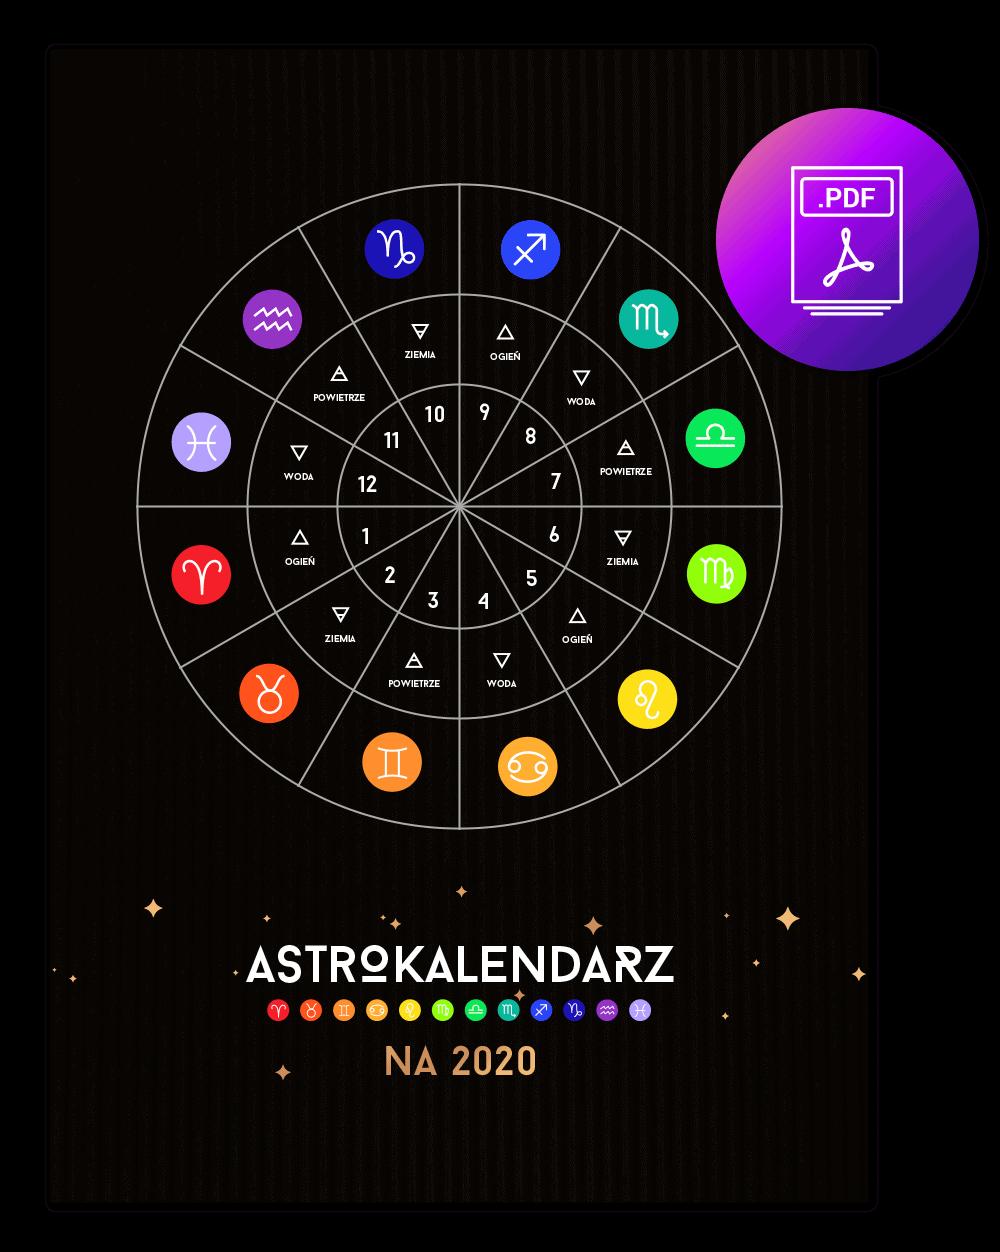 astrokalendarz_na_2020_czarny__pakiet_2